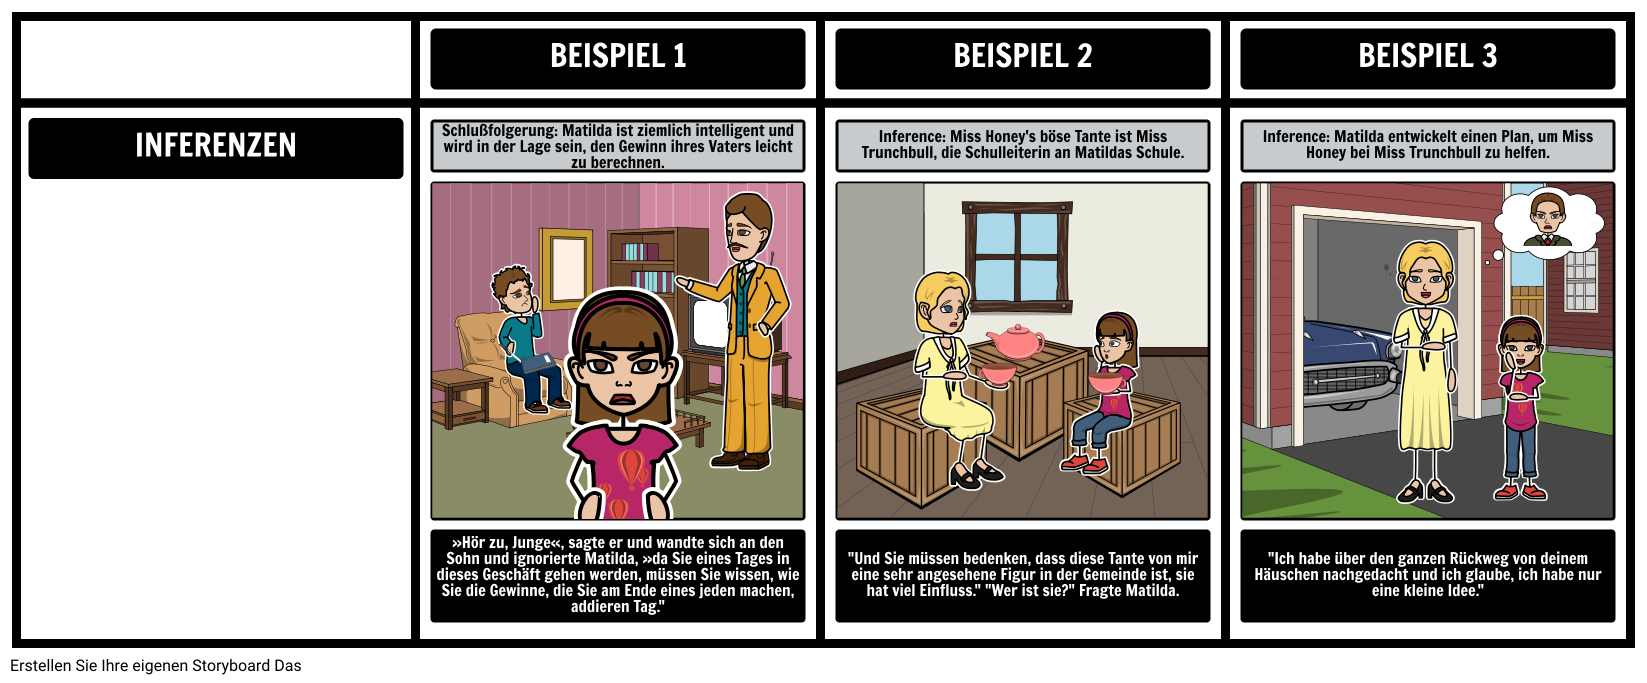 Matilda Buch von Roald Dahl | Matilda Zusammenfassung & Unterrichtspläne